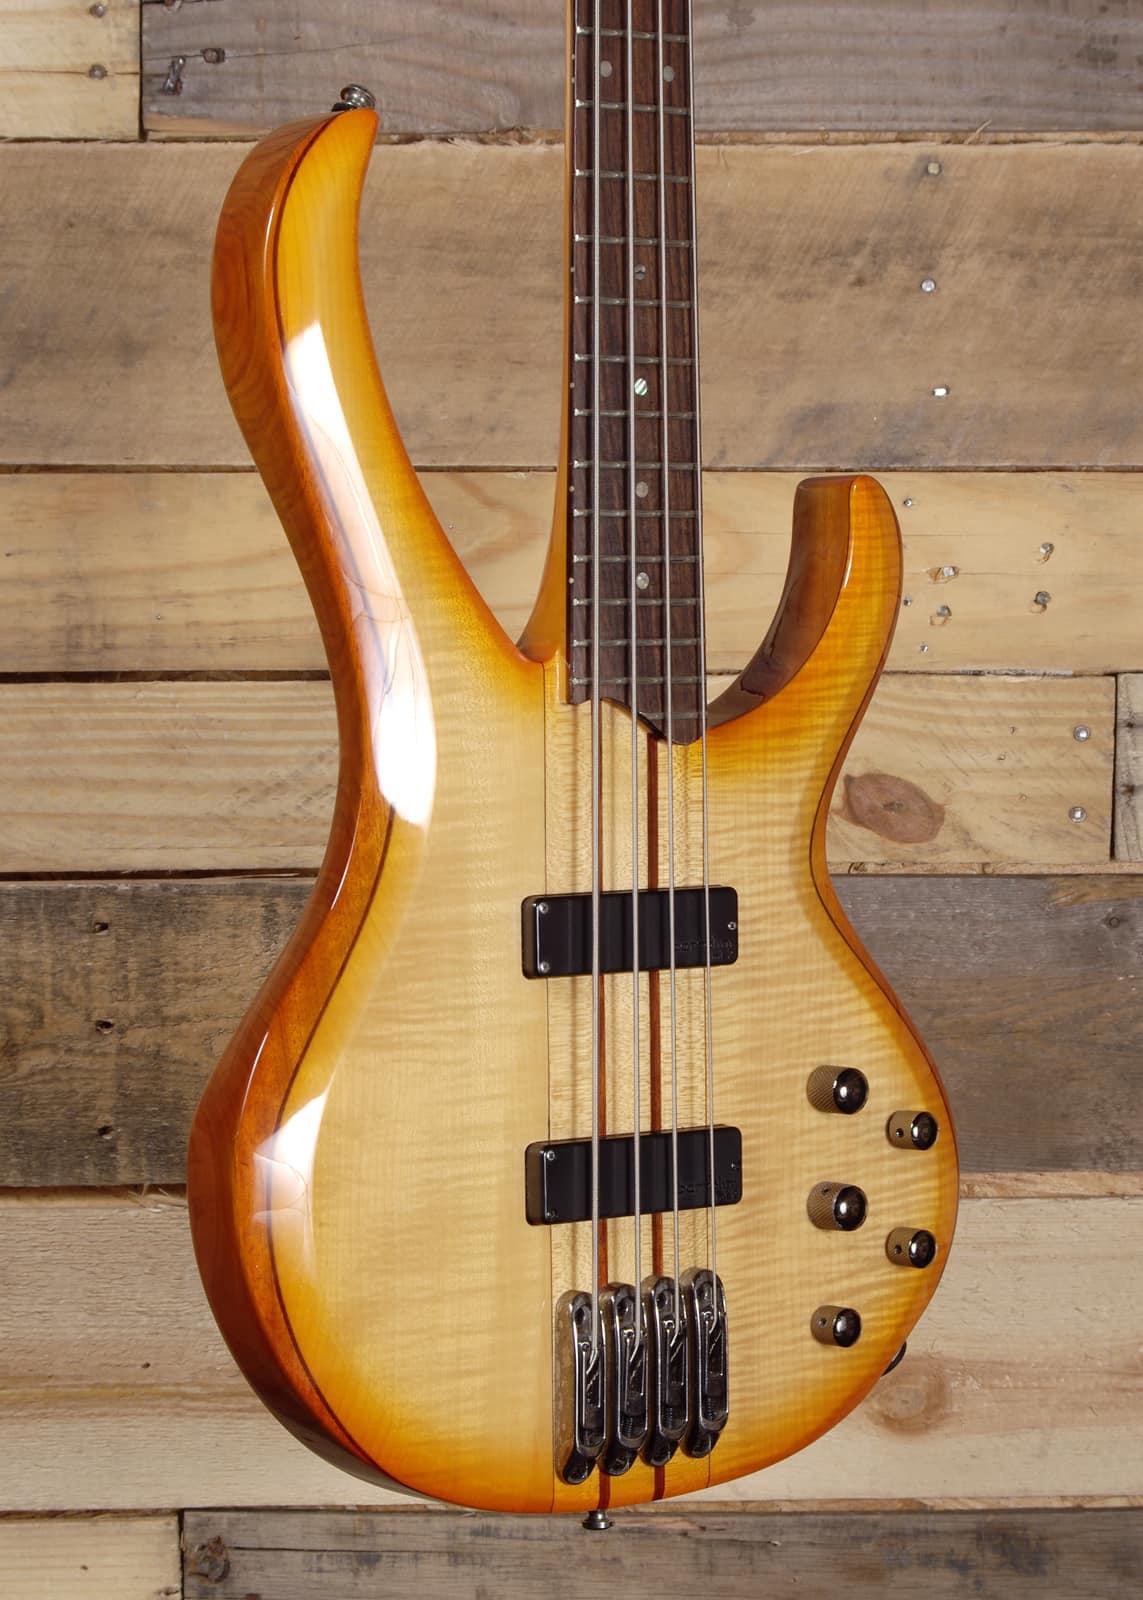 ibanez btb570fm 4 string electric bass guitar reverb. Black Bedroom Furniture Sets. Home Design Ideas